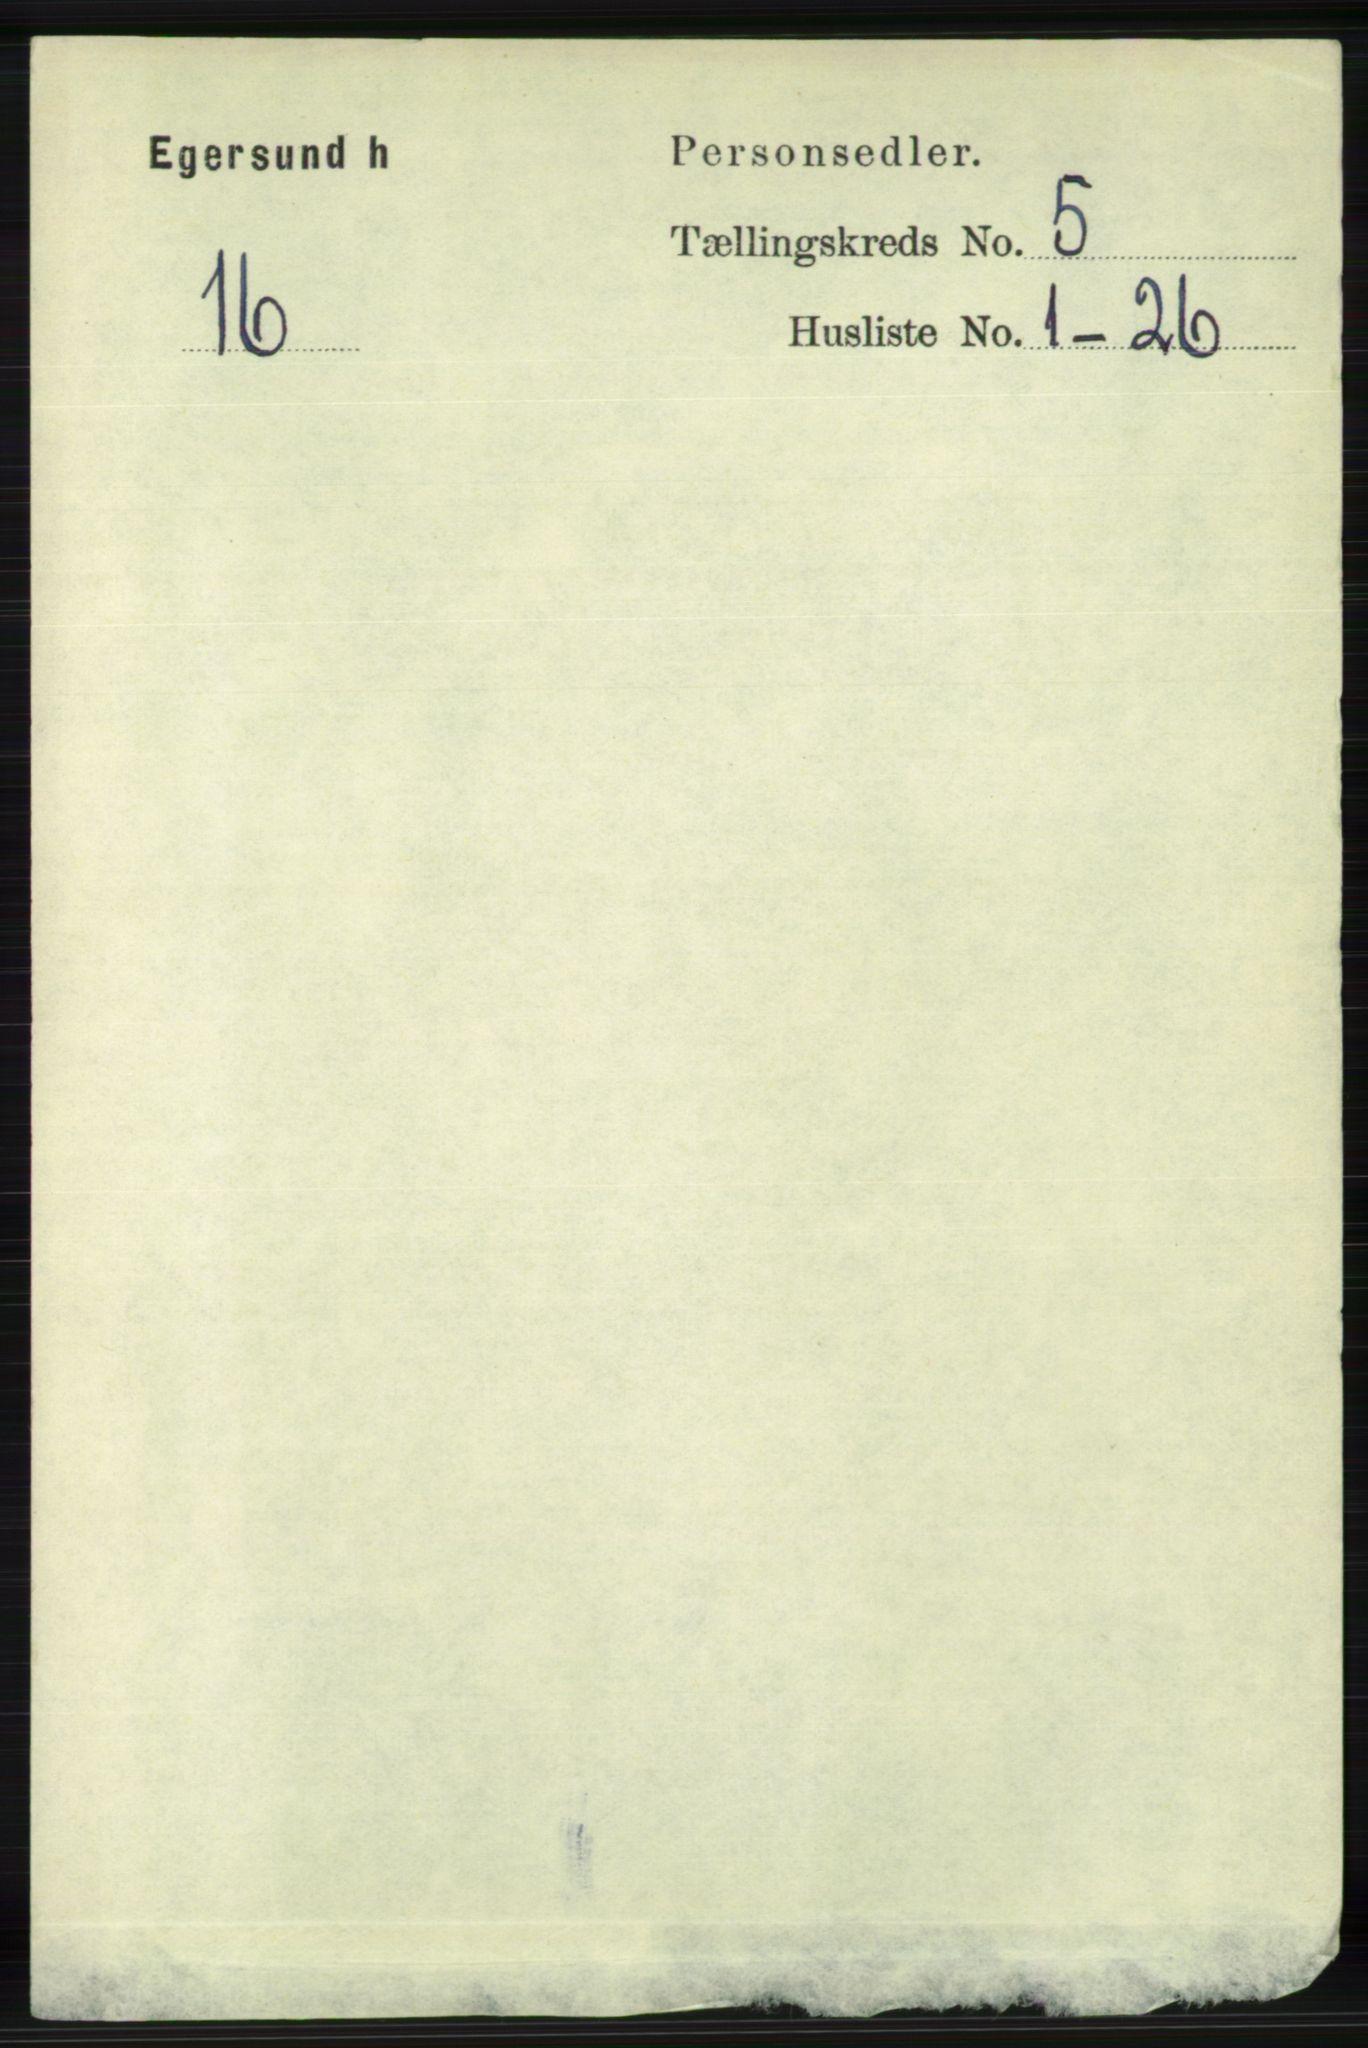 RA, Folketelling 1891 for 1116 Eigersund herred, 1891, s. 2044